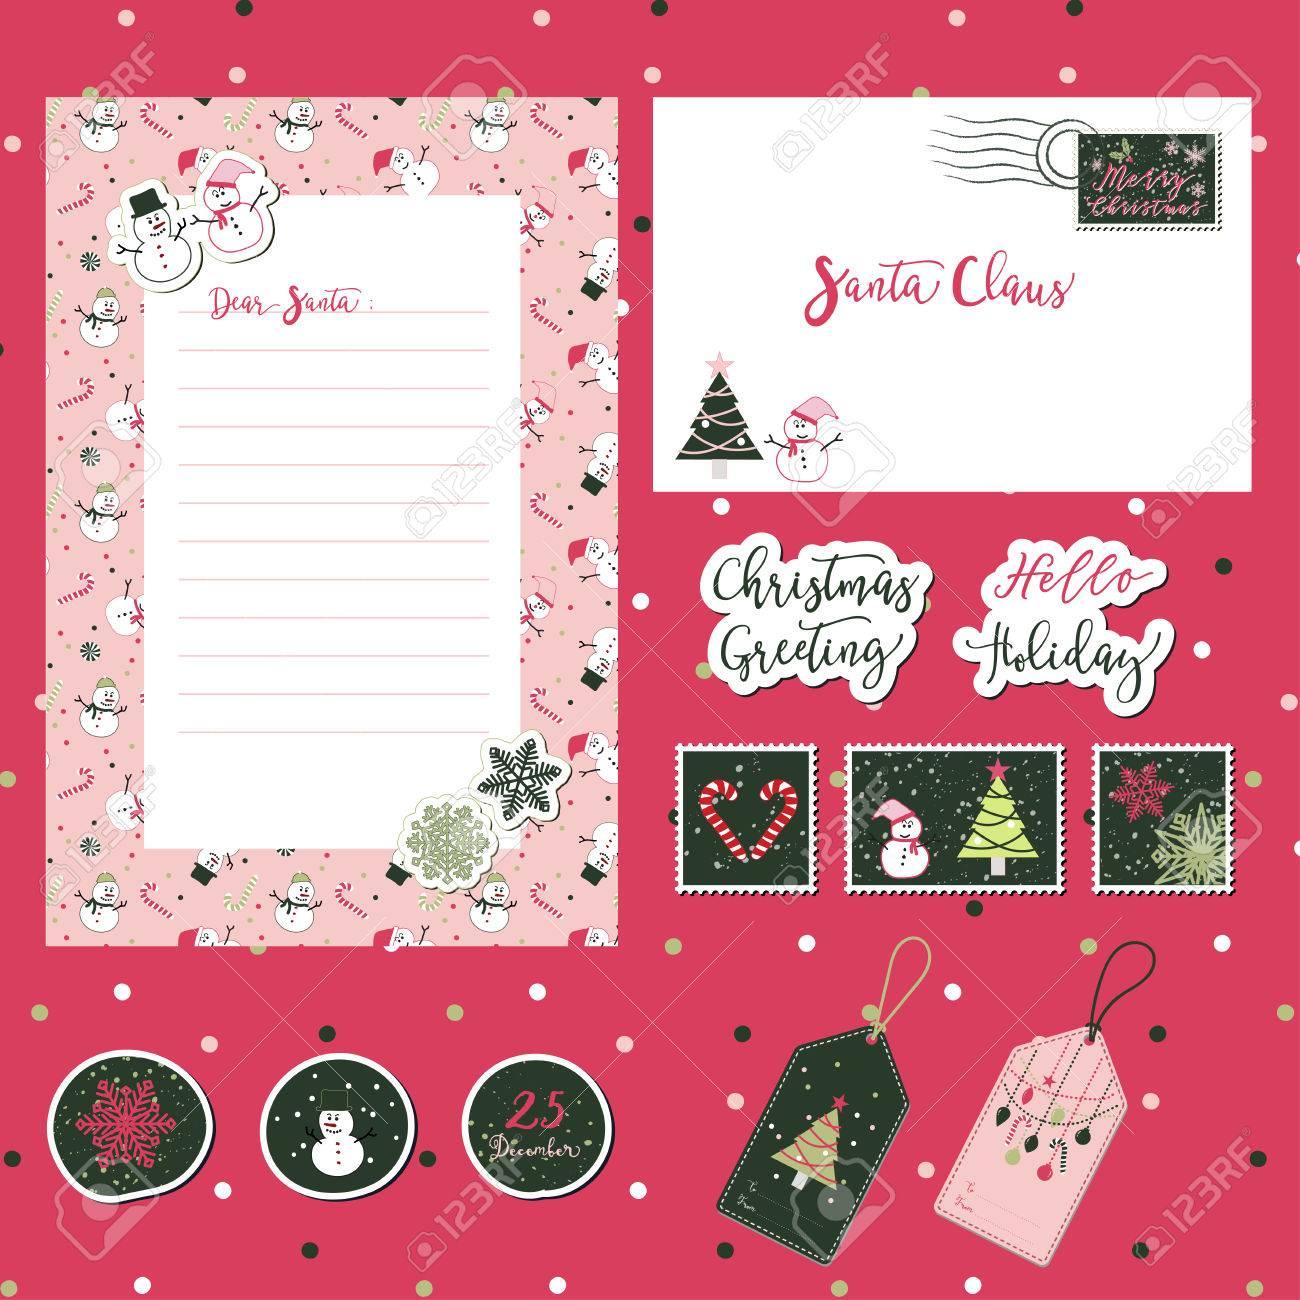 メリー クリスマス サンタかわいい手紙封筒テンプレートとテキスト